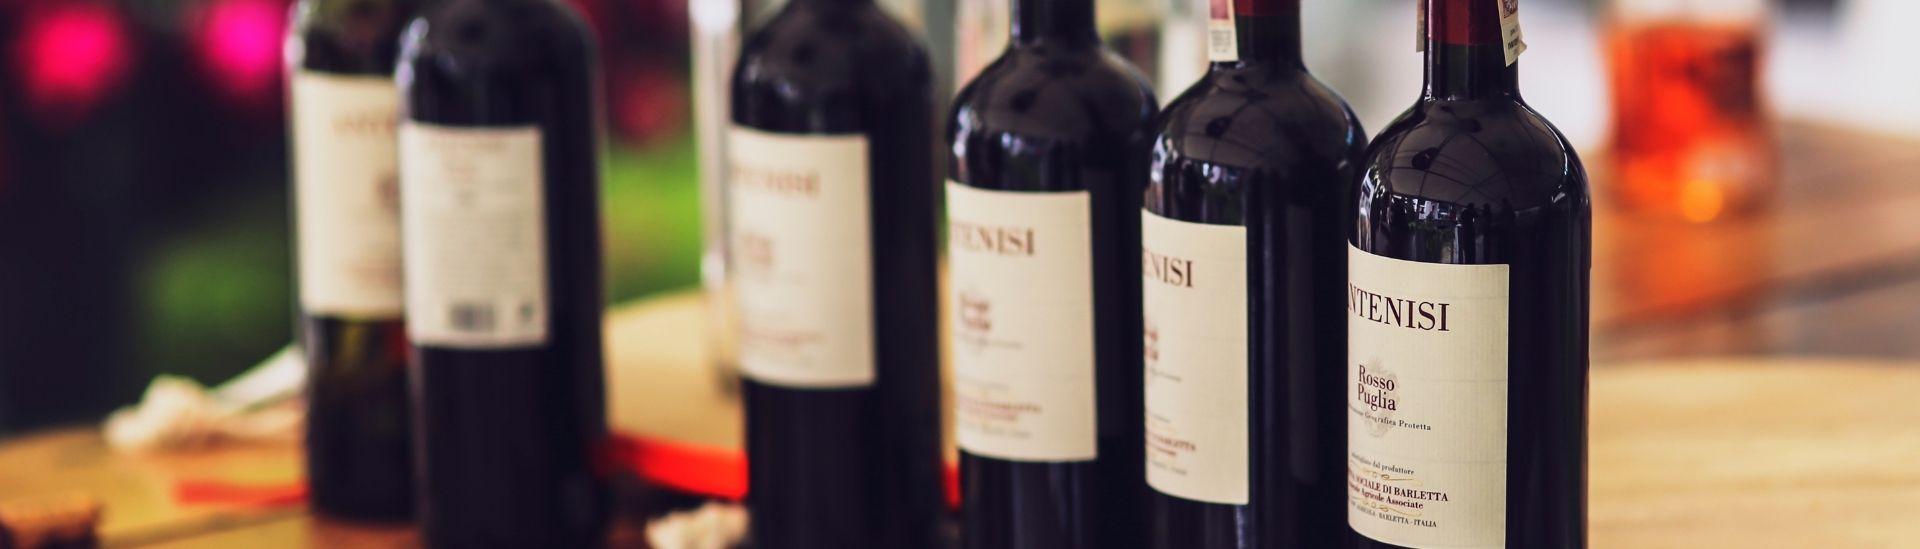 Bottle Labels Manufacturer